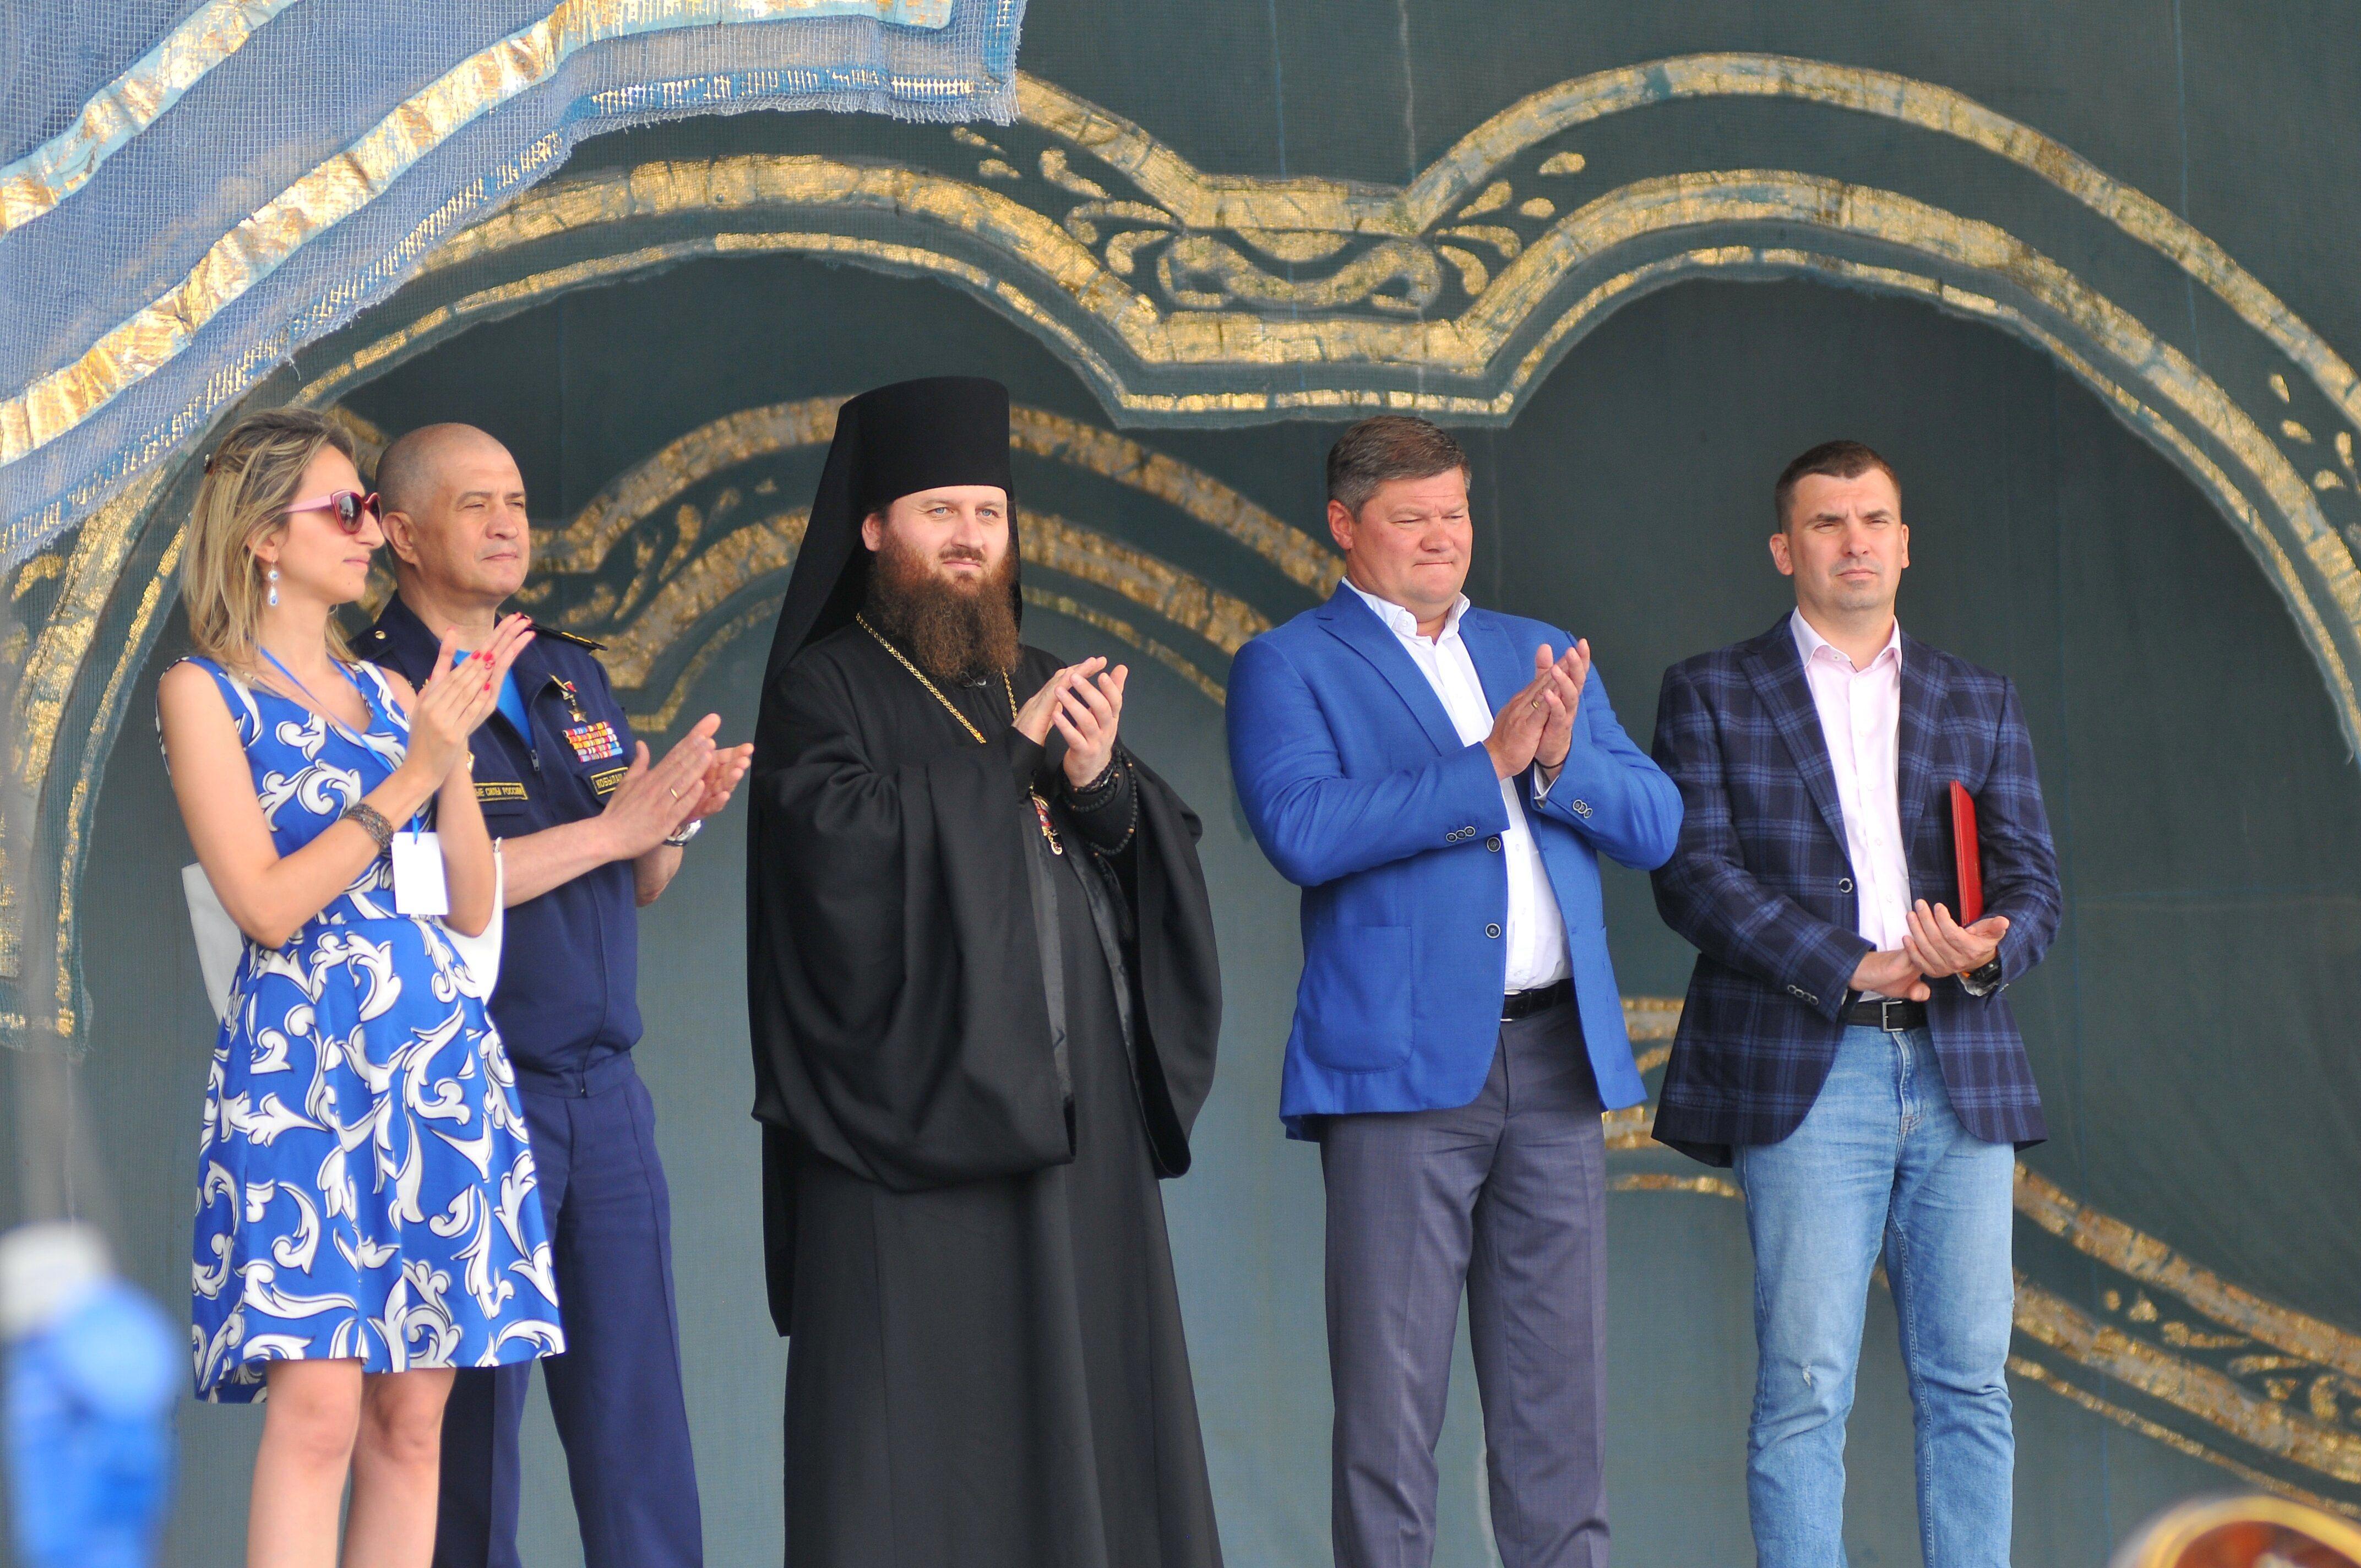 Новости Коломны   Фестиваль «Шкинь опера» стал главным событием лета в Коломне Фото (Коломна)   iz zhizni kolomnyi